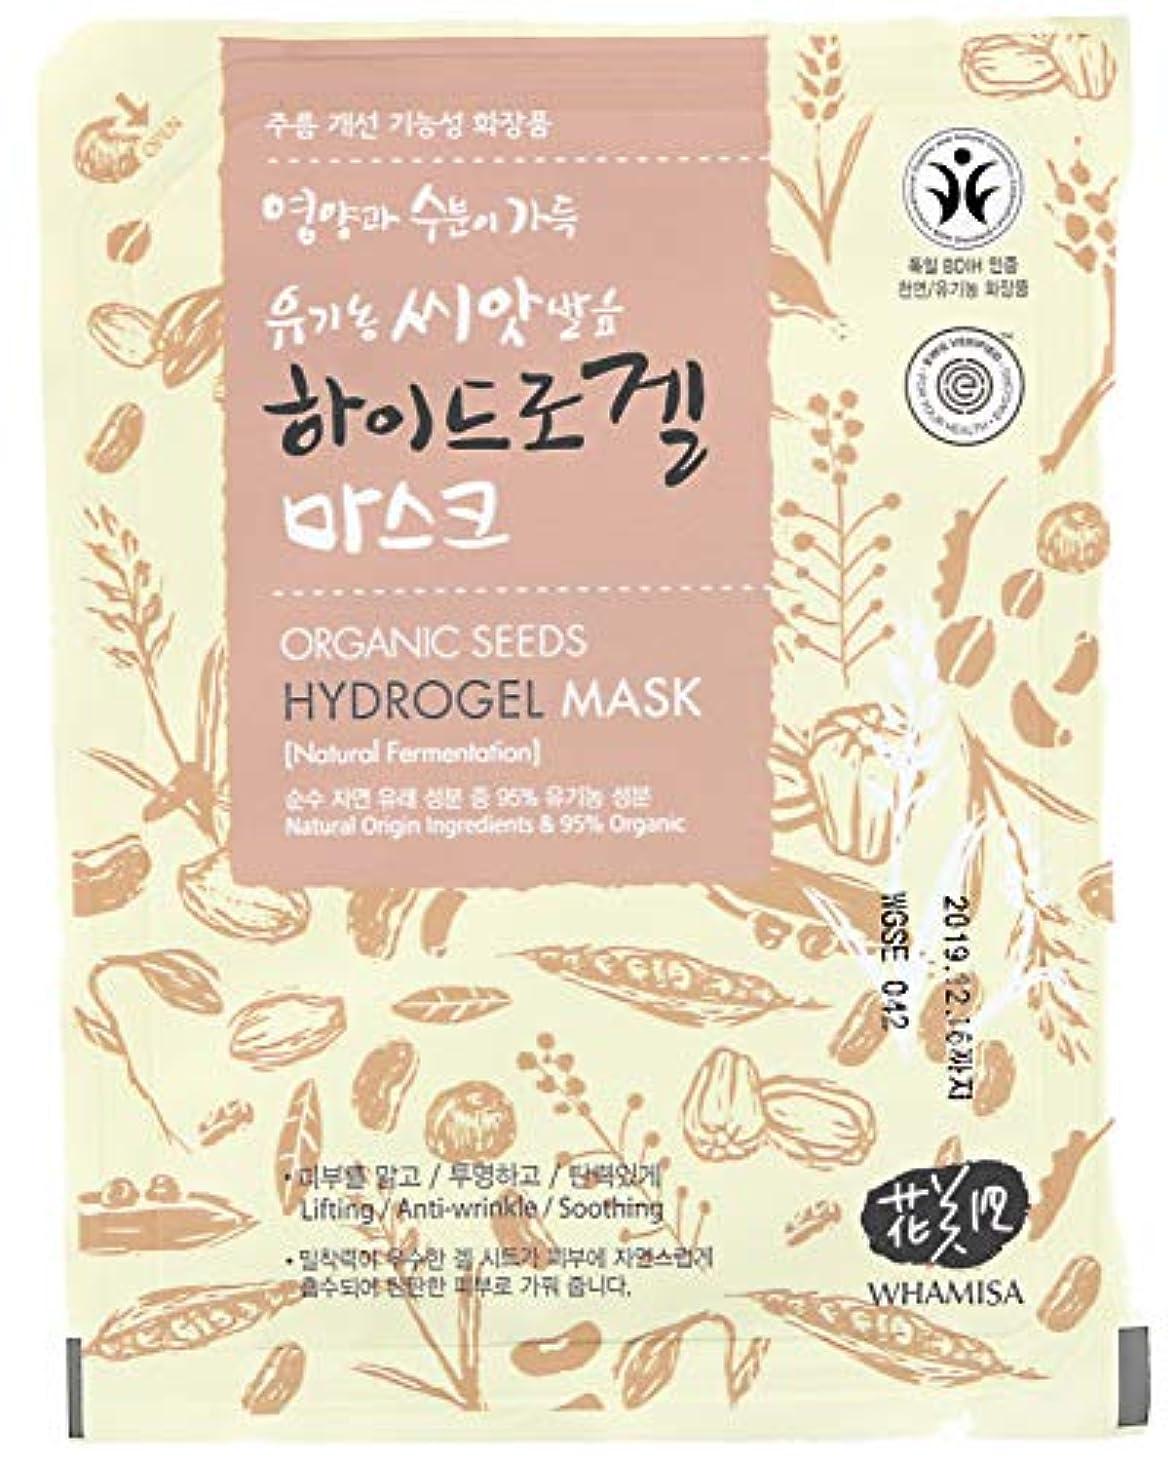 海岸甘いオプションWhamisa オーガニック種子&乳酸菌で発酵ライスハイドロゲルフェイシャルシートマスク